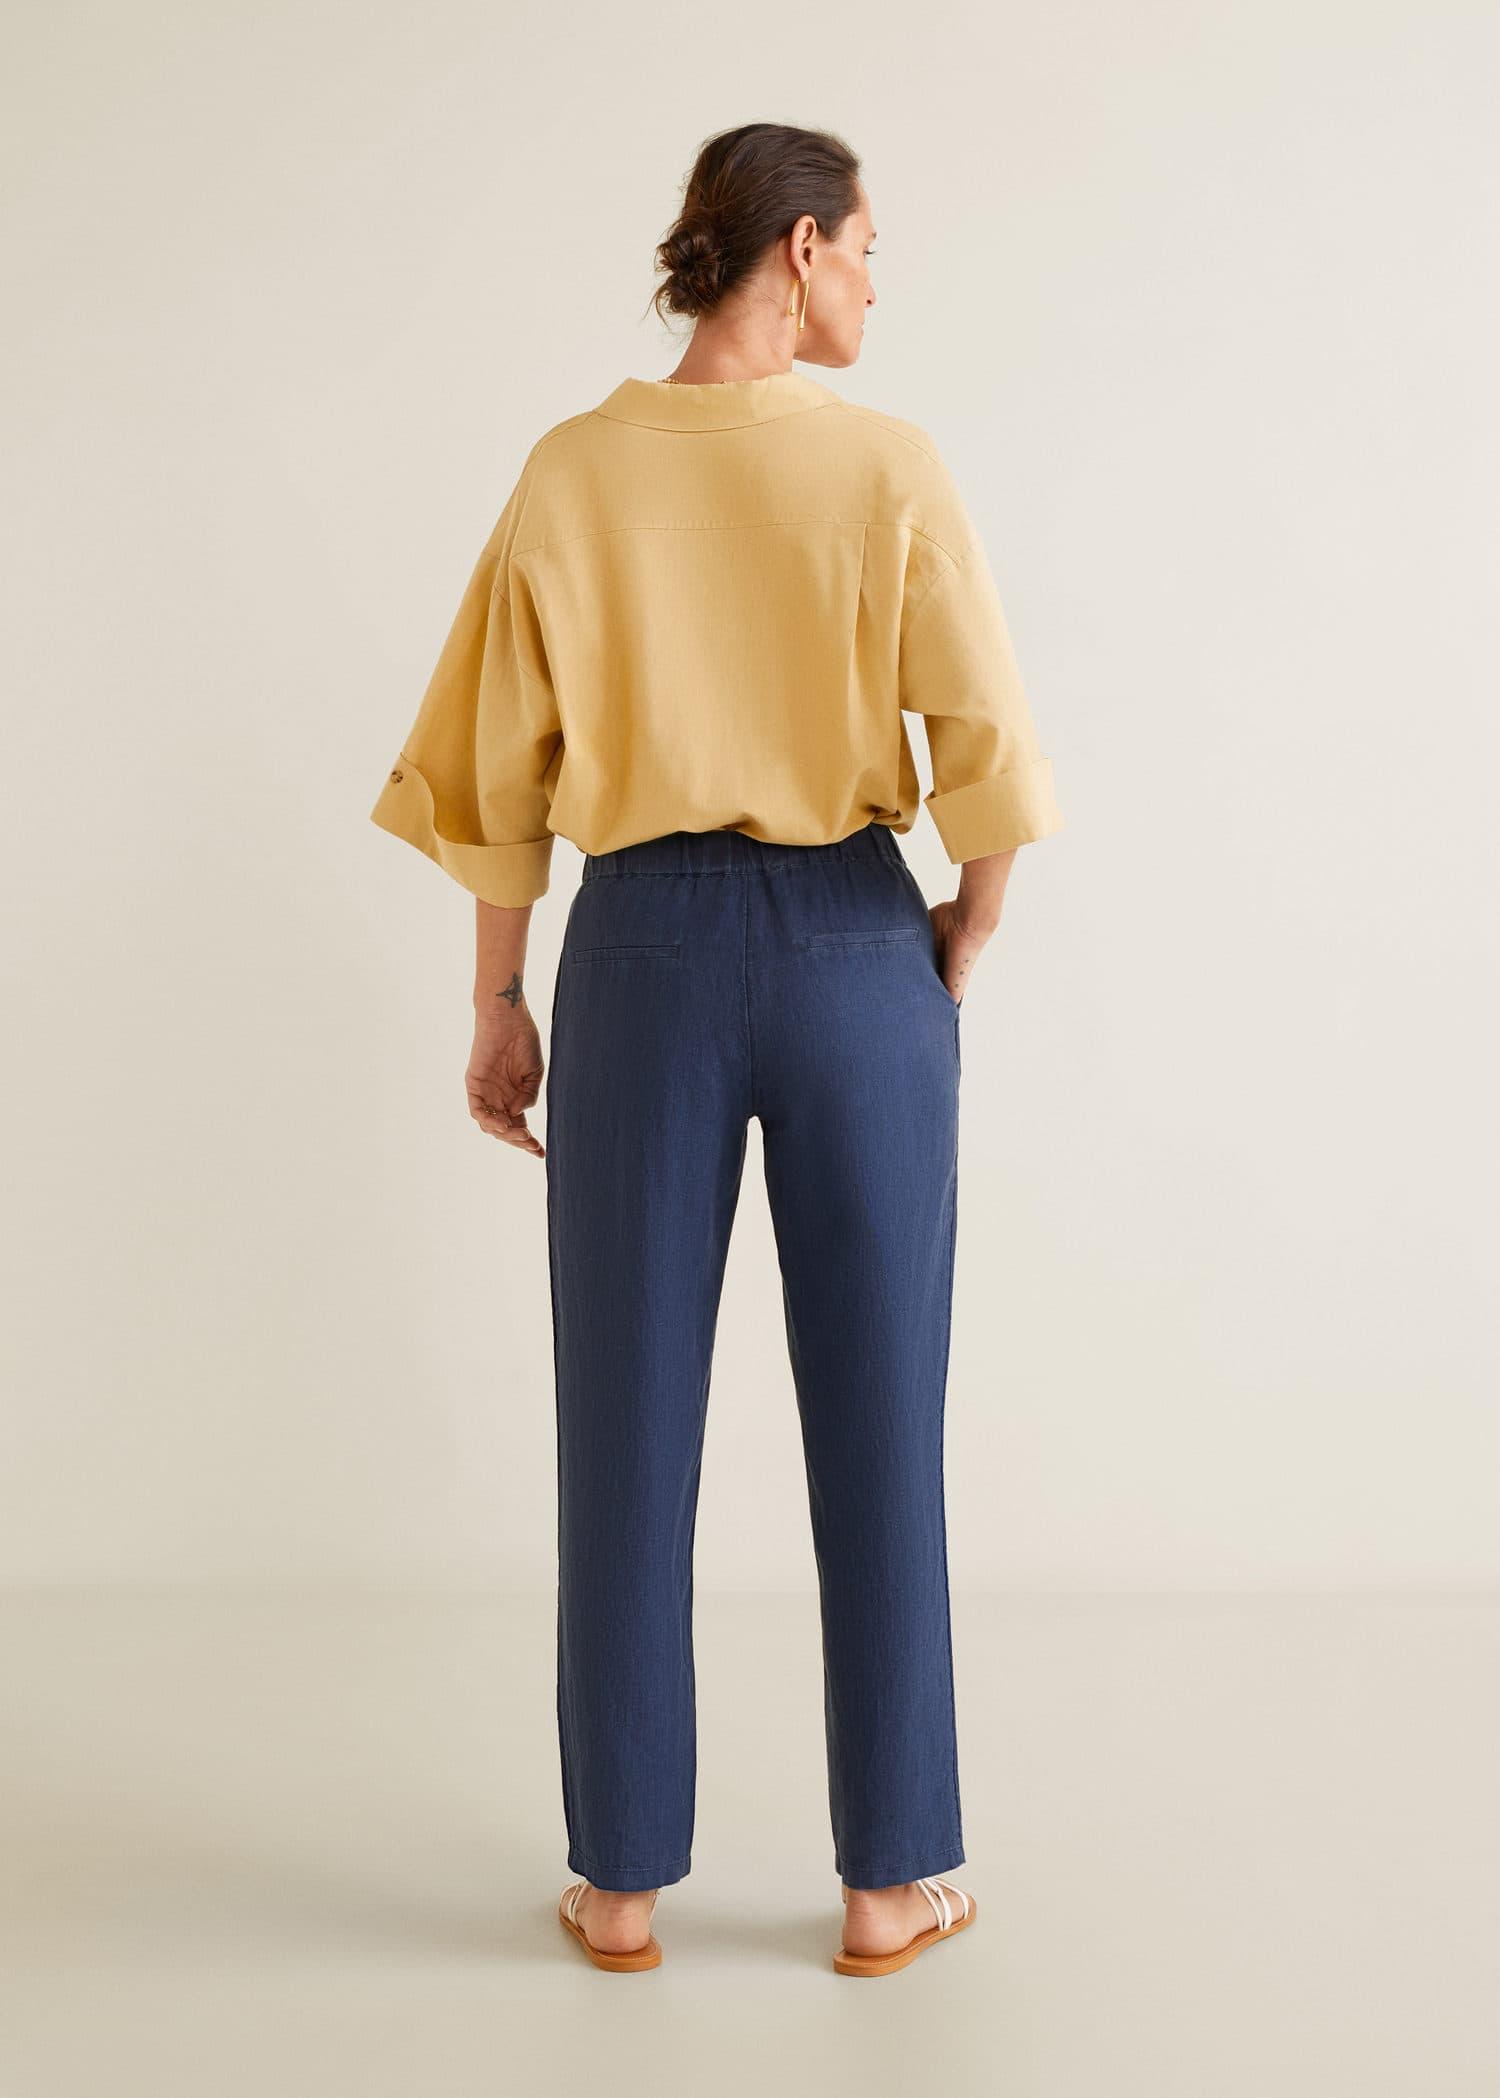 Pantalón recto lino Mujer   Mango España